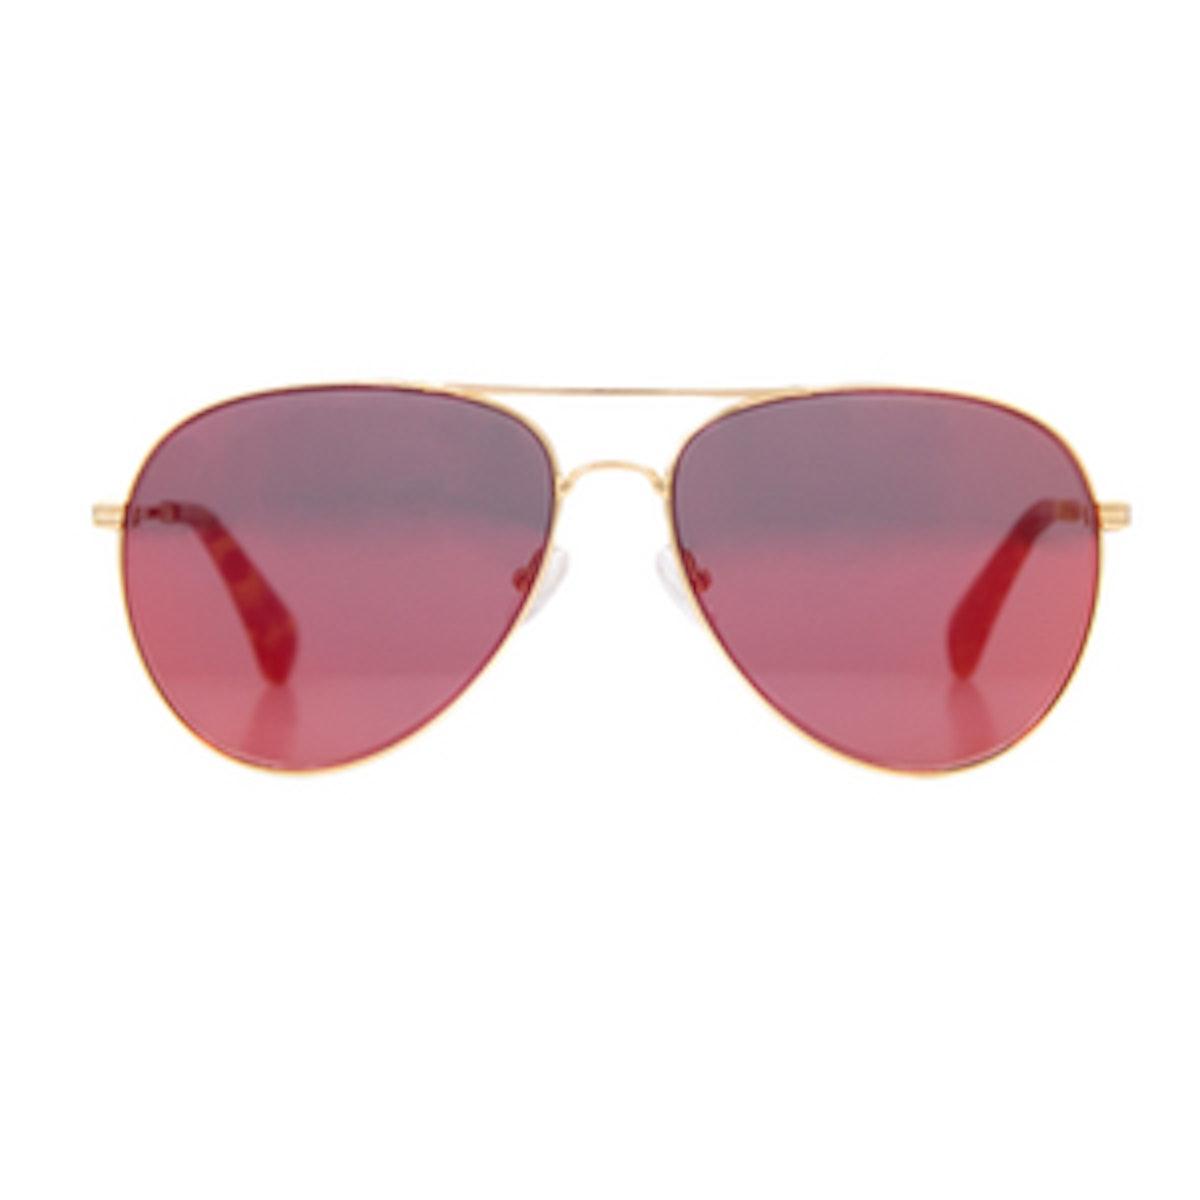 Lodi Sunglasses